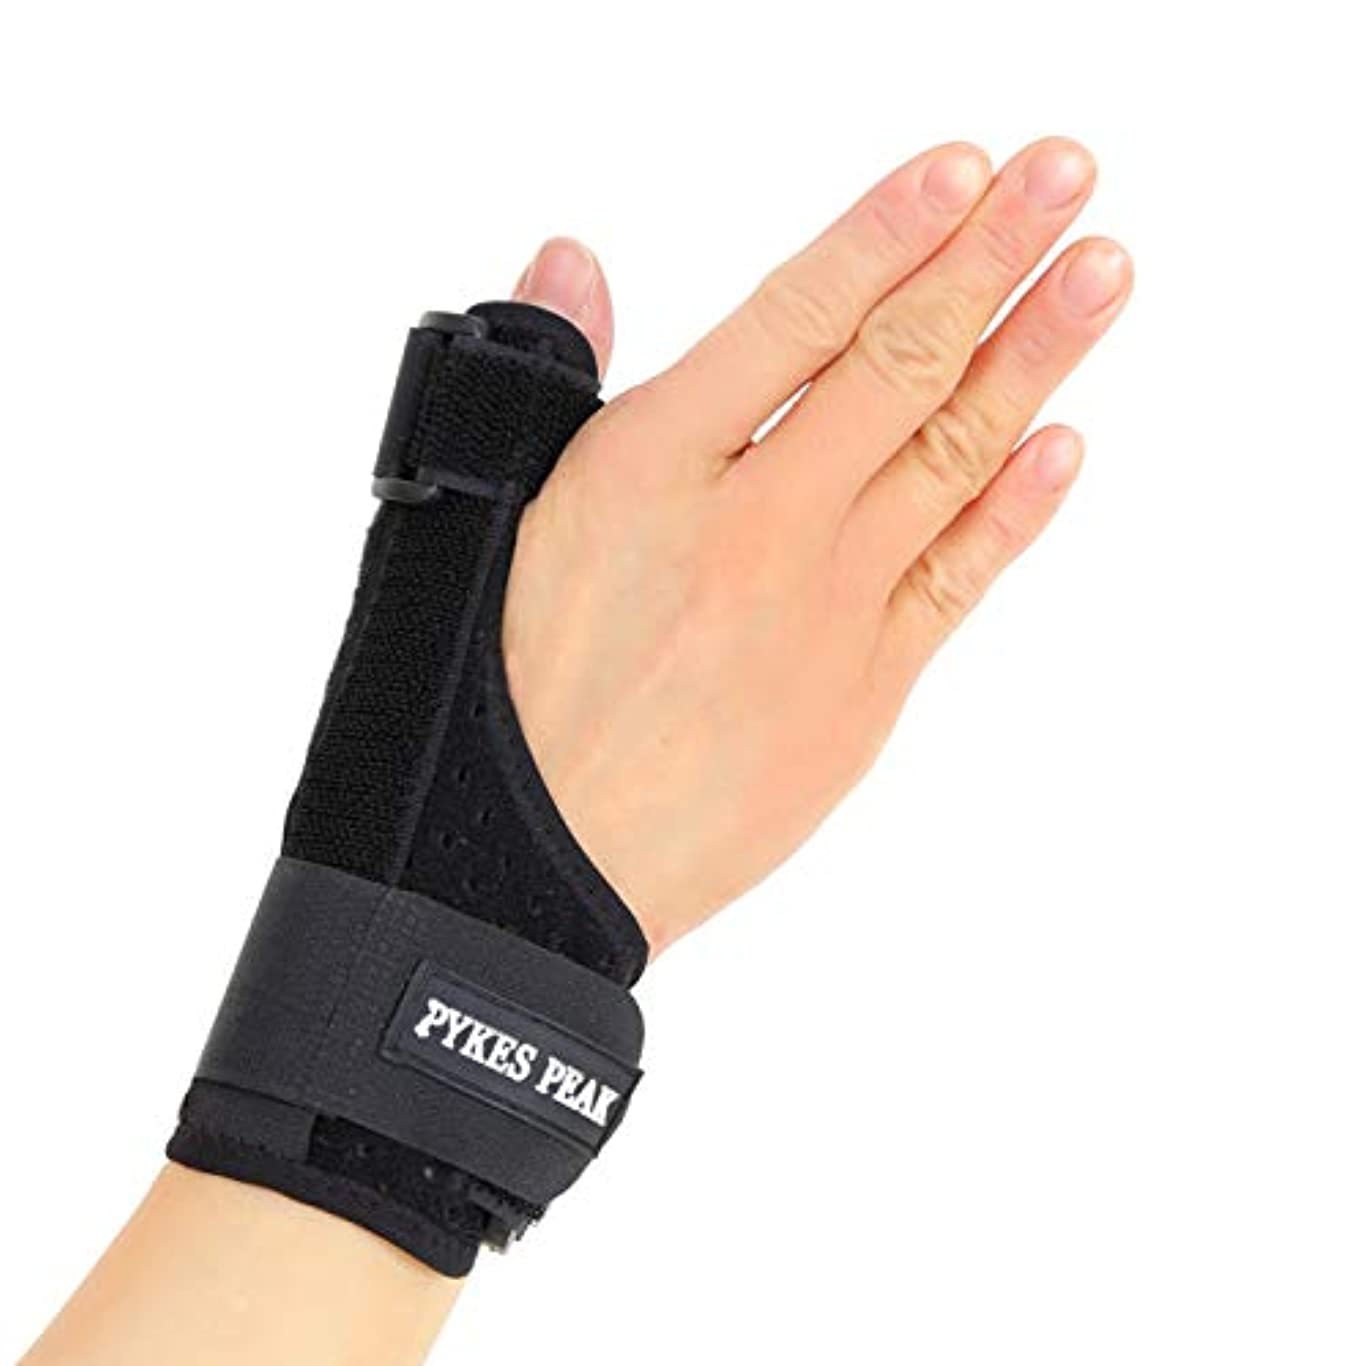 キノコ着実にとまり木PYKES PEAK 親指/手首サポーター メッシュ素材 親指 通気性 ばね指 腱鞘炎 突き指 手首固定 関節症 捻挫 親指付け根の骨折 脱臼 など フリーサイズ 1枚(左右兼用)